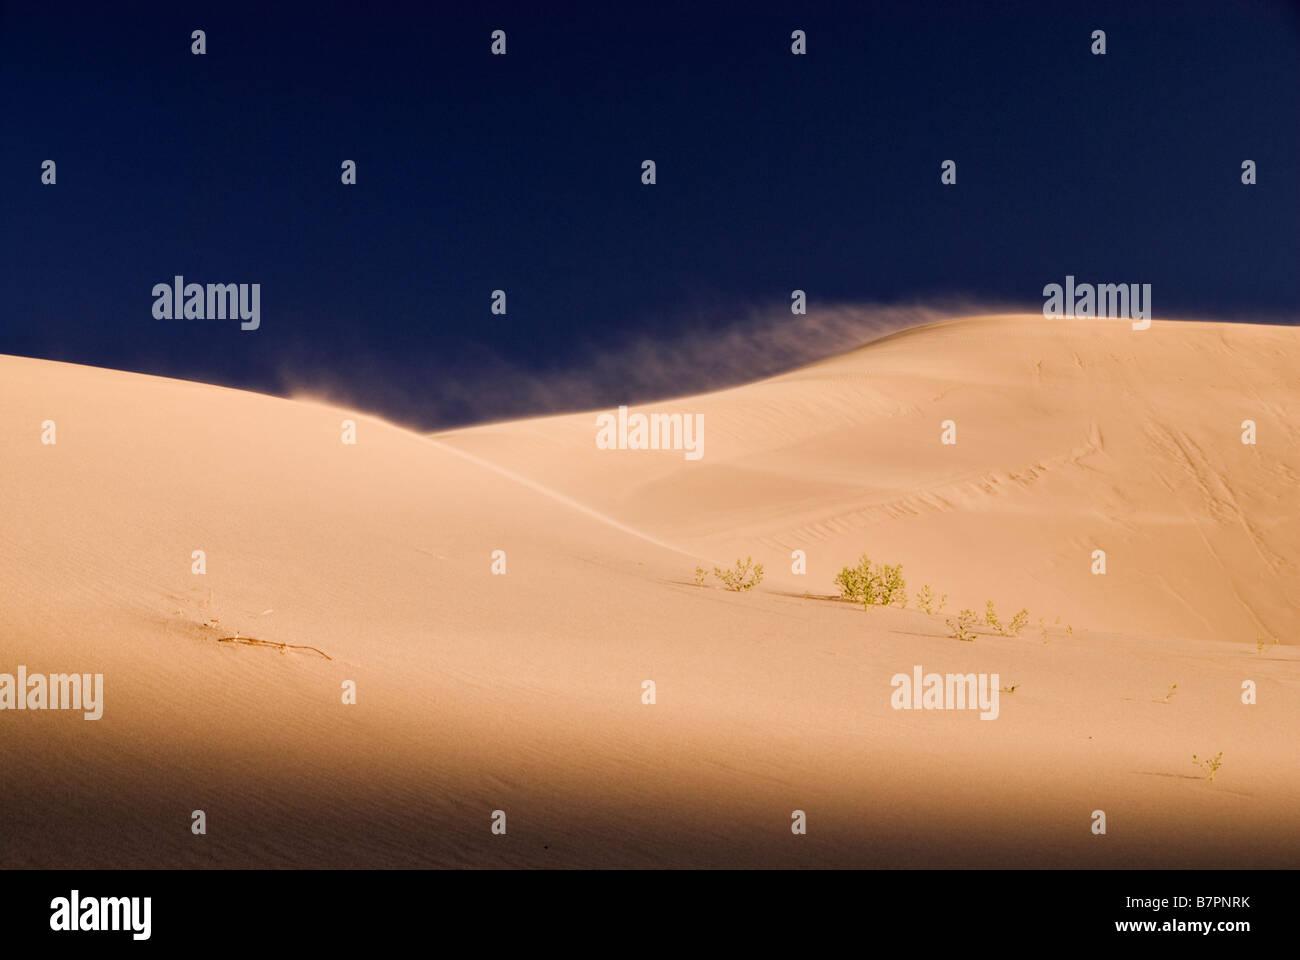 Landscape of the Khongoryn Els dunes, Gobi desert, Mongolia. - Stock Image